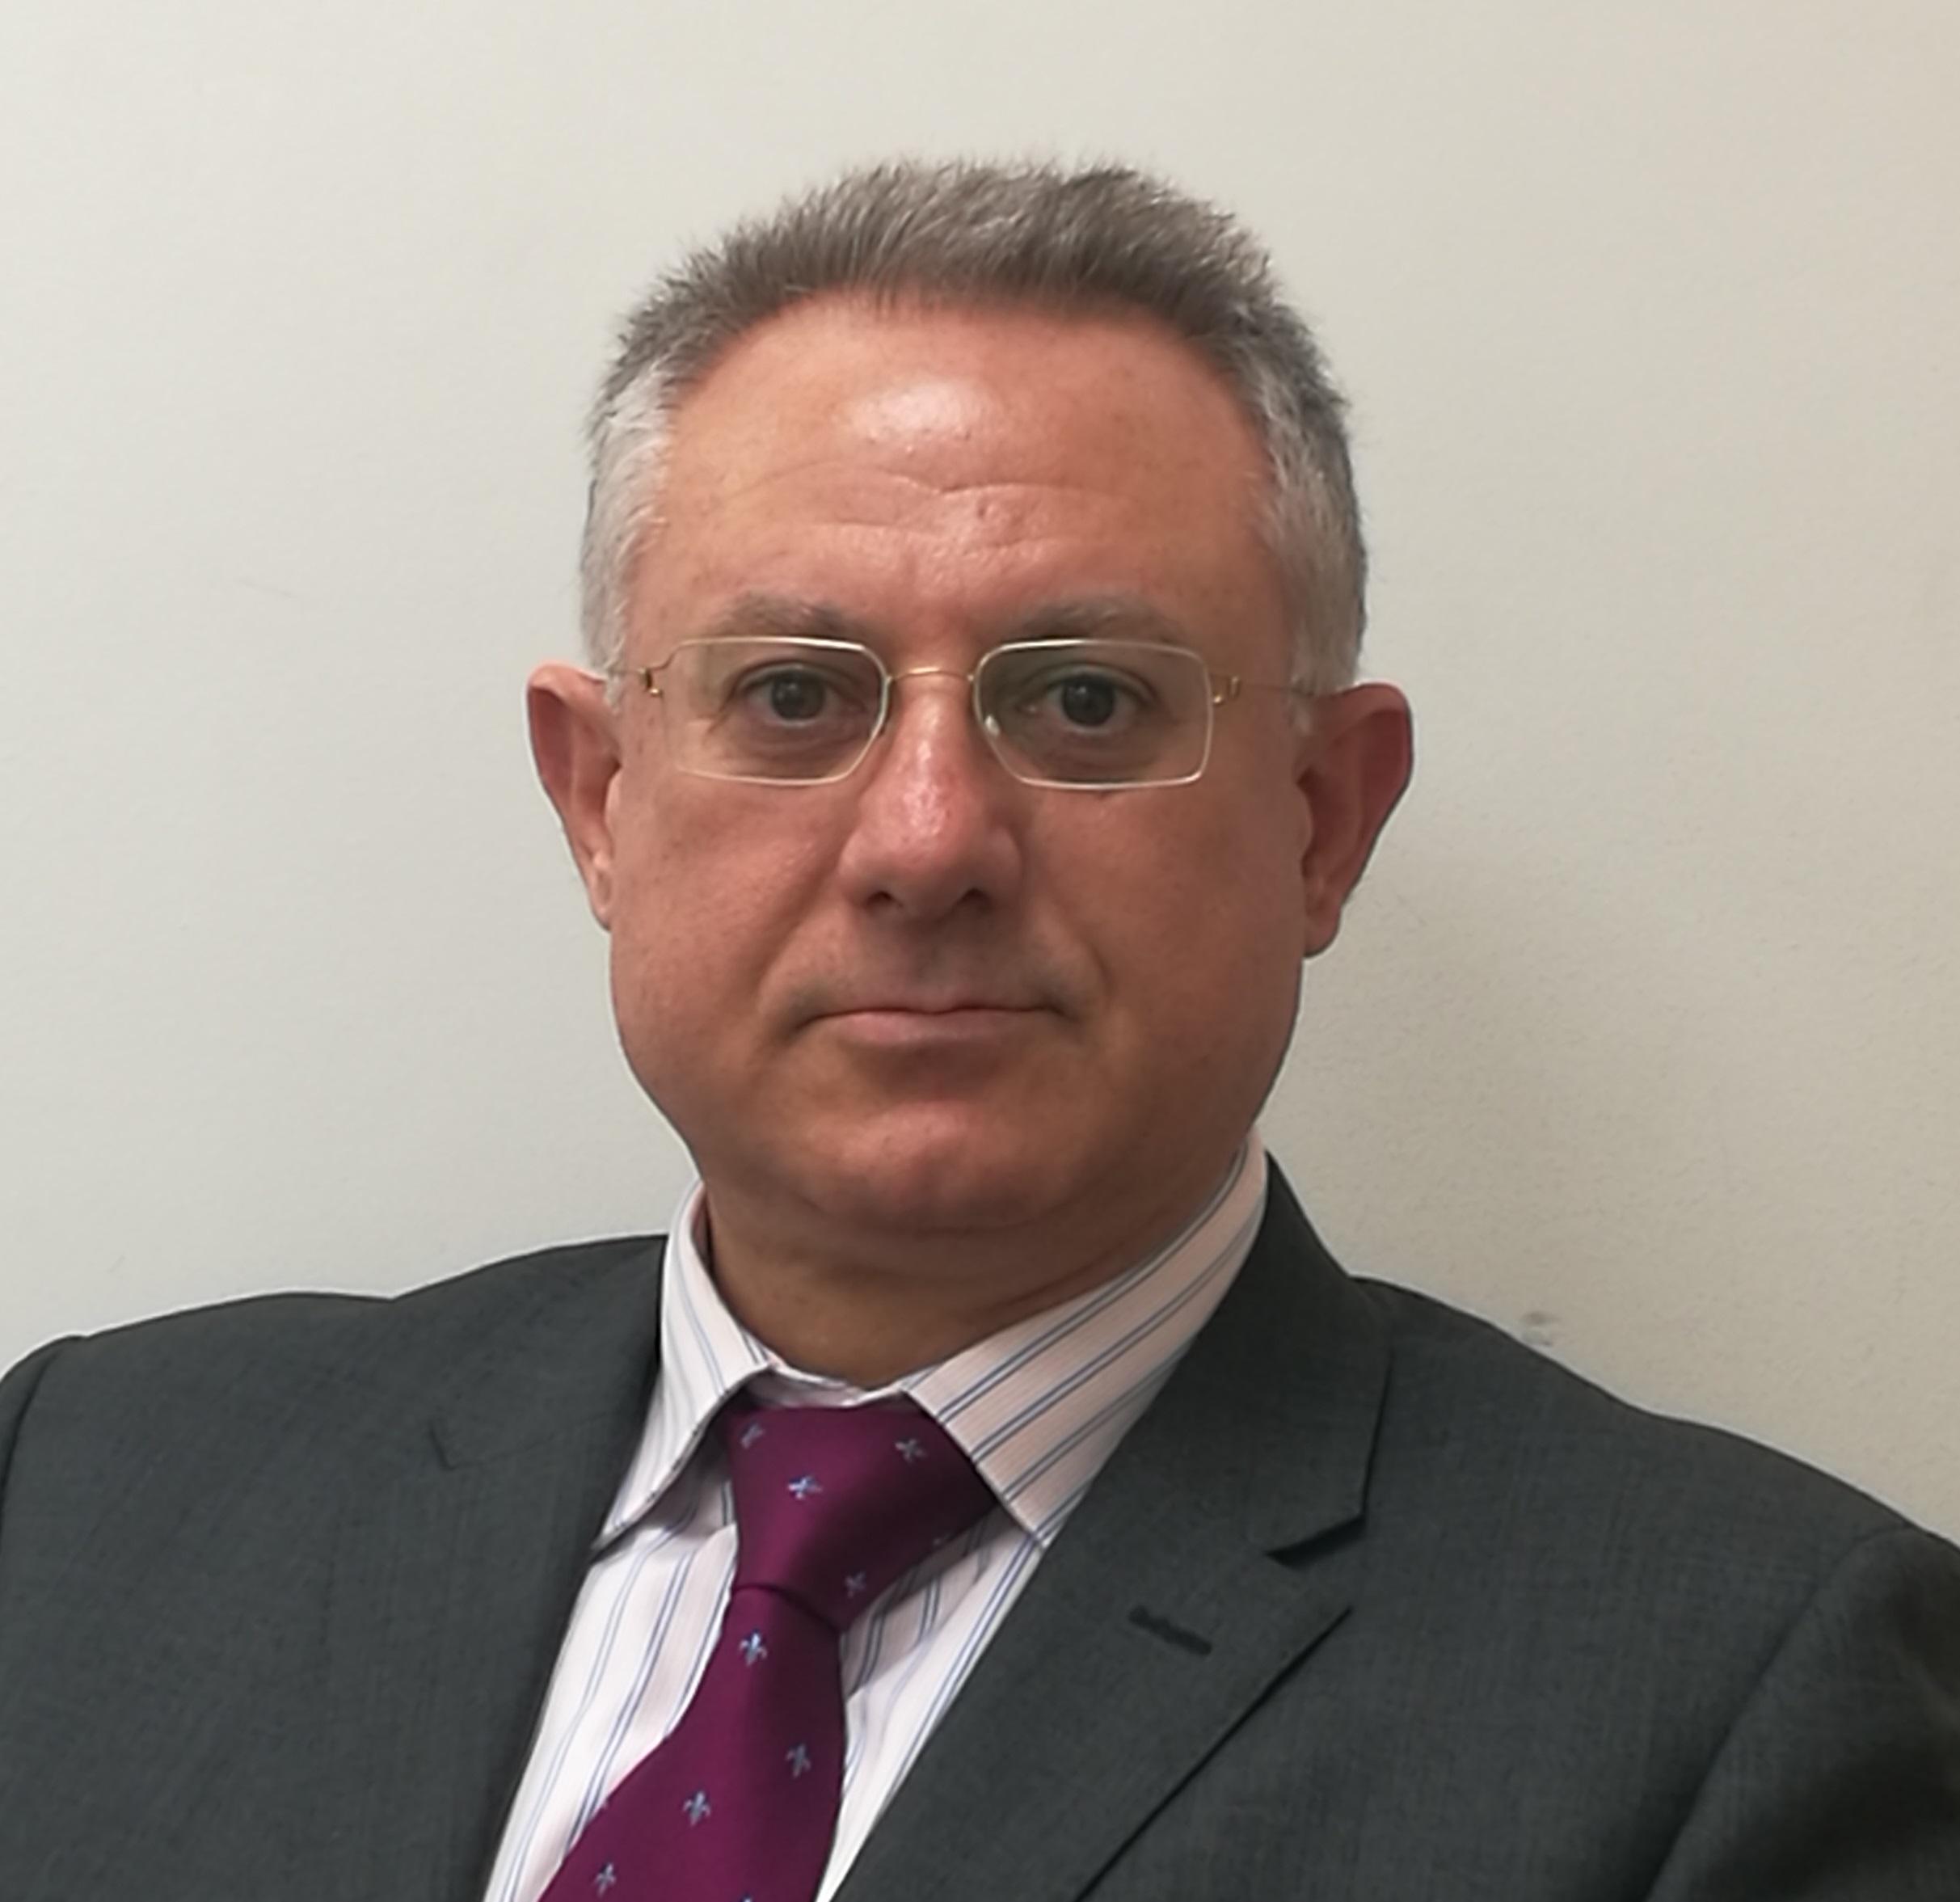 Mr Charalambos Charalambides